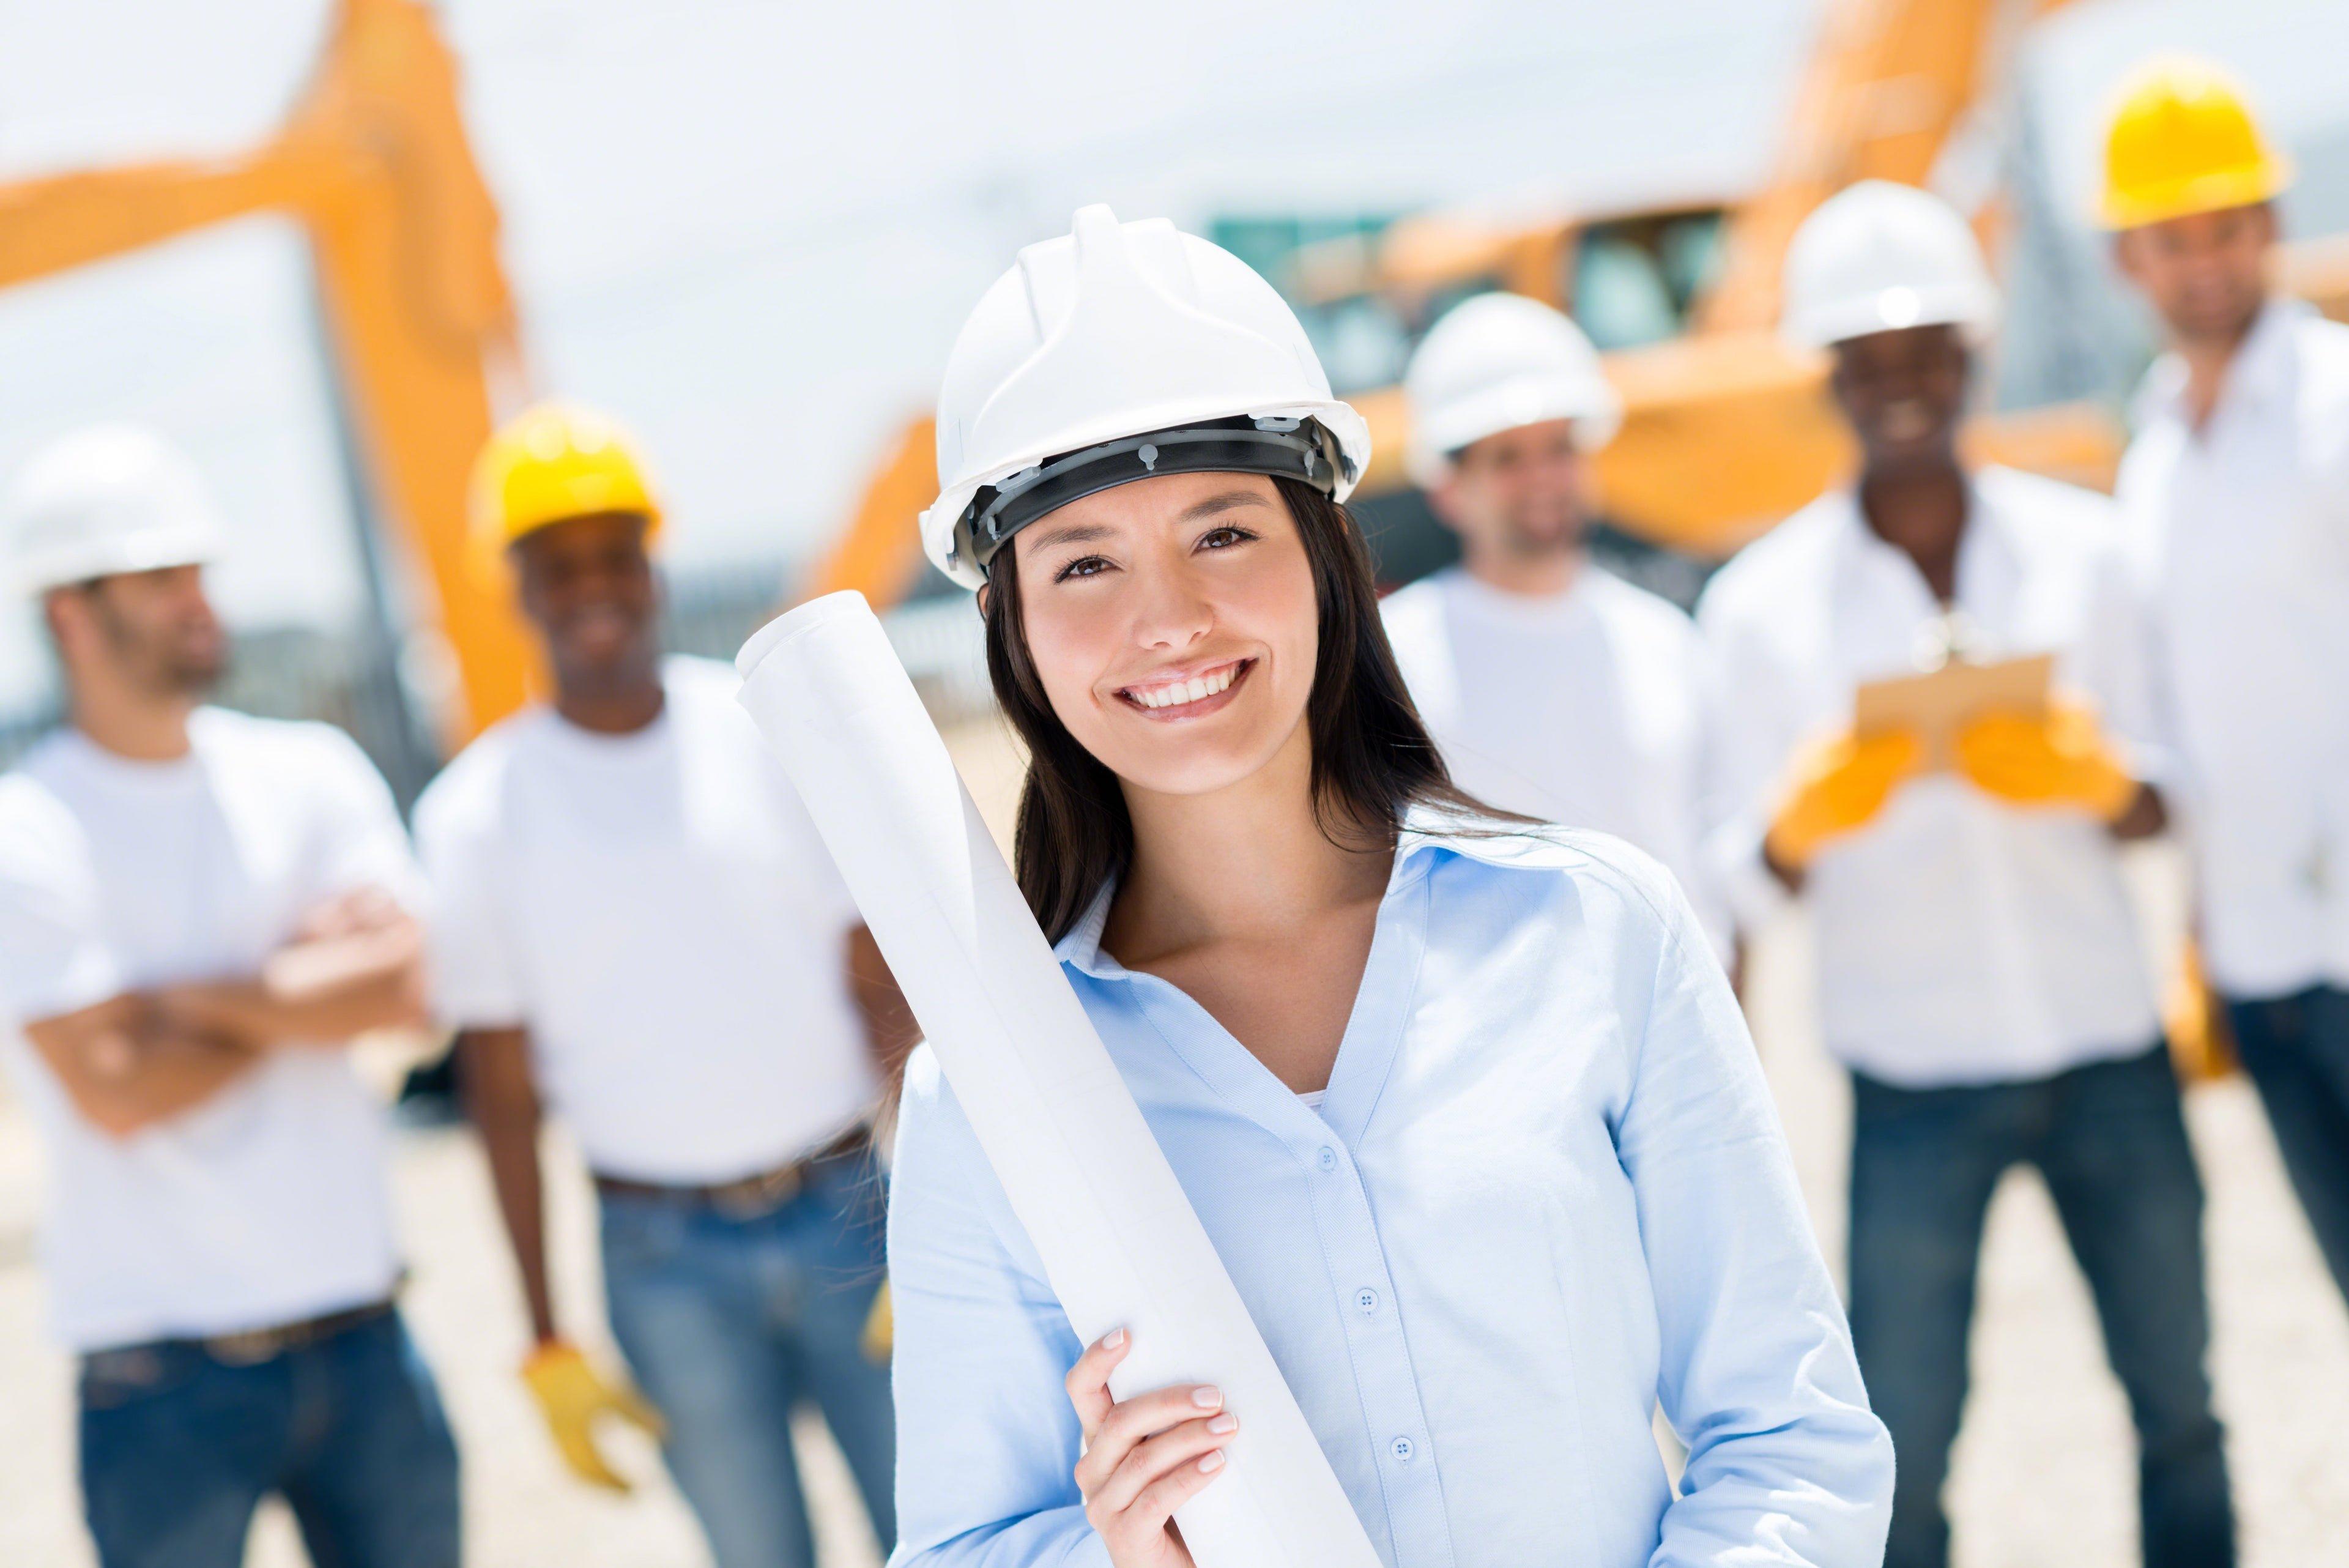 Planos de Saude SPG Bradesco Saude, PME SulAmerica, PME Unimed, PME Amil,    para Empresas  BA, SE, SP, MG, GO, DF, ES, RJ, PA, PR, PB, PE, AL, AC, MA, AM, RR, RO, MT, RS...